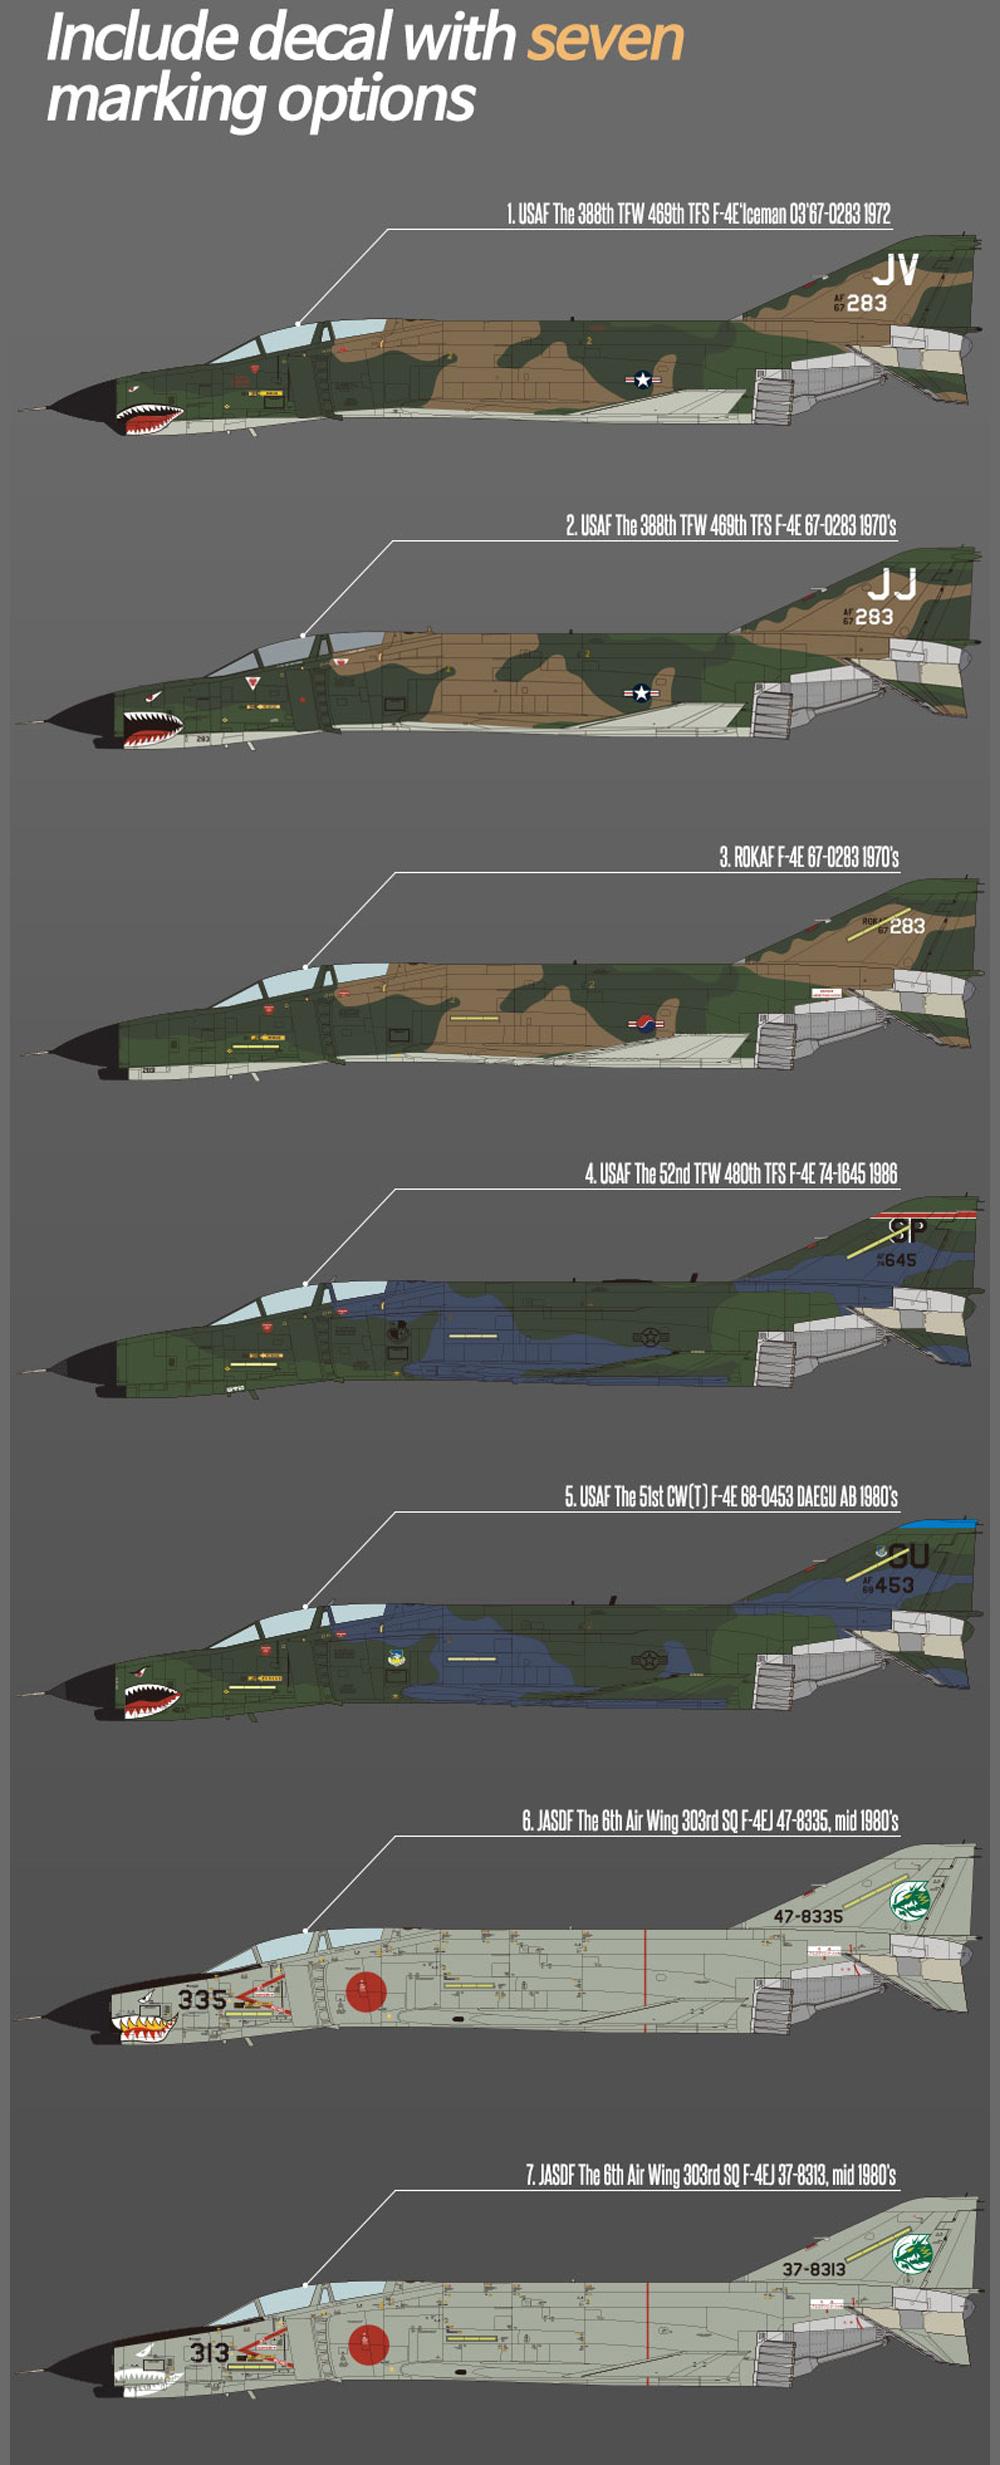 F-4E ファントム 2 ベトナム戦争プラモデル(アカデミー1/32 Scale AircraftNo.12133)商品画像_2